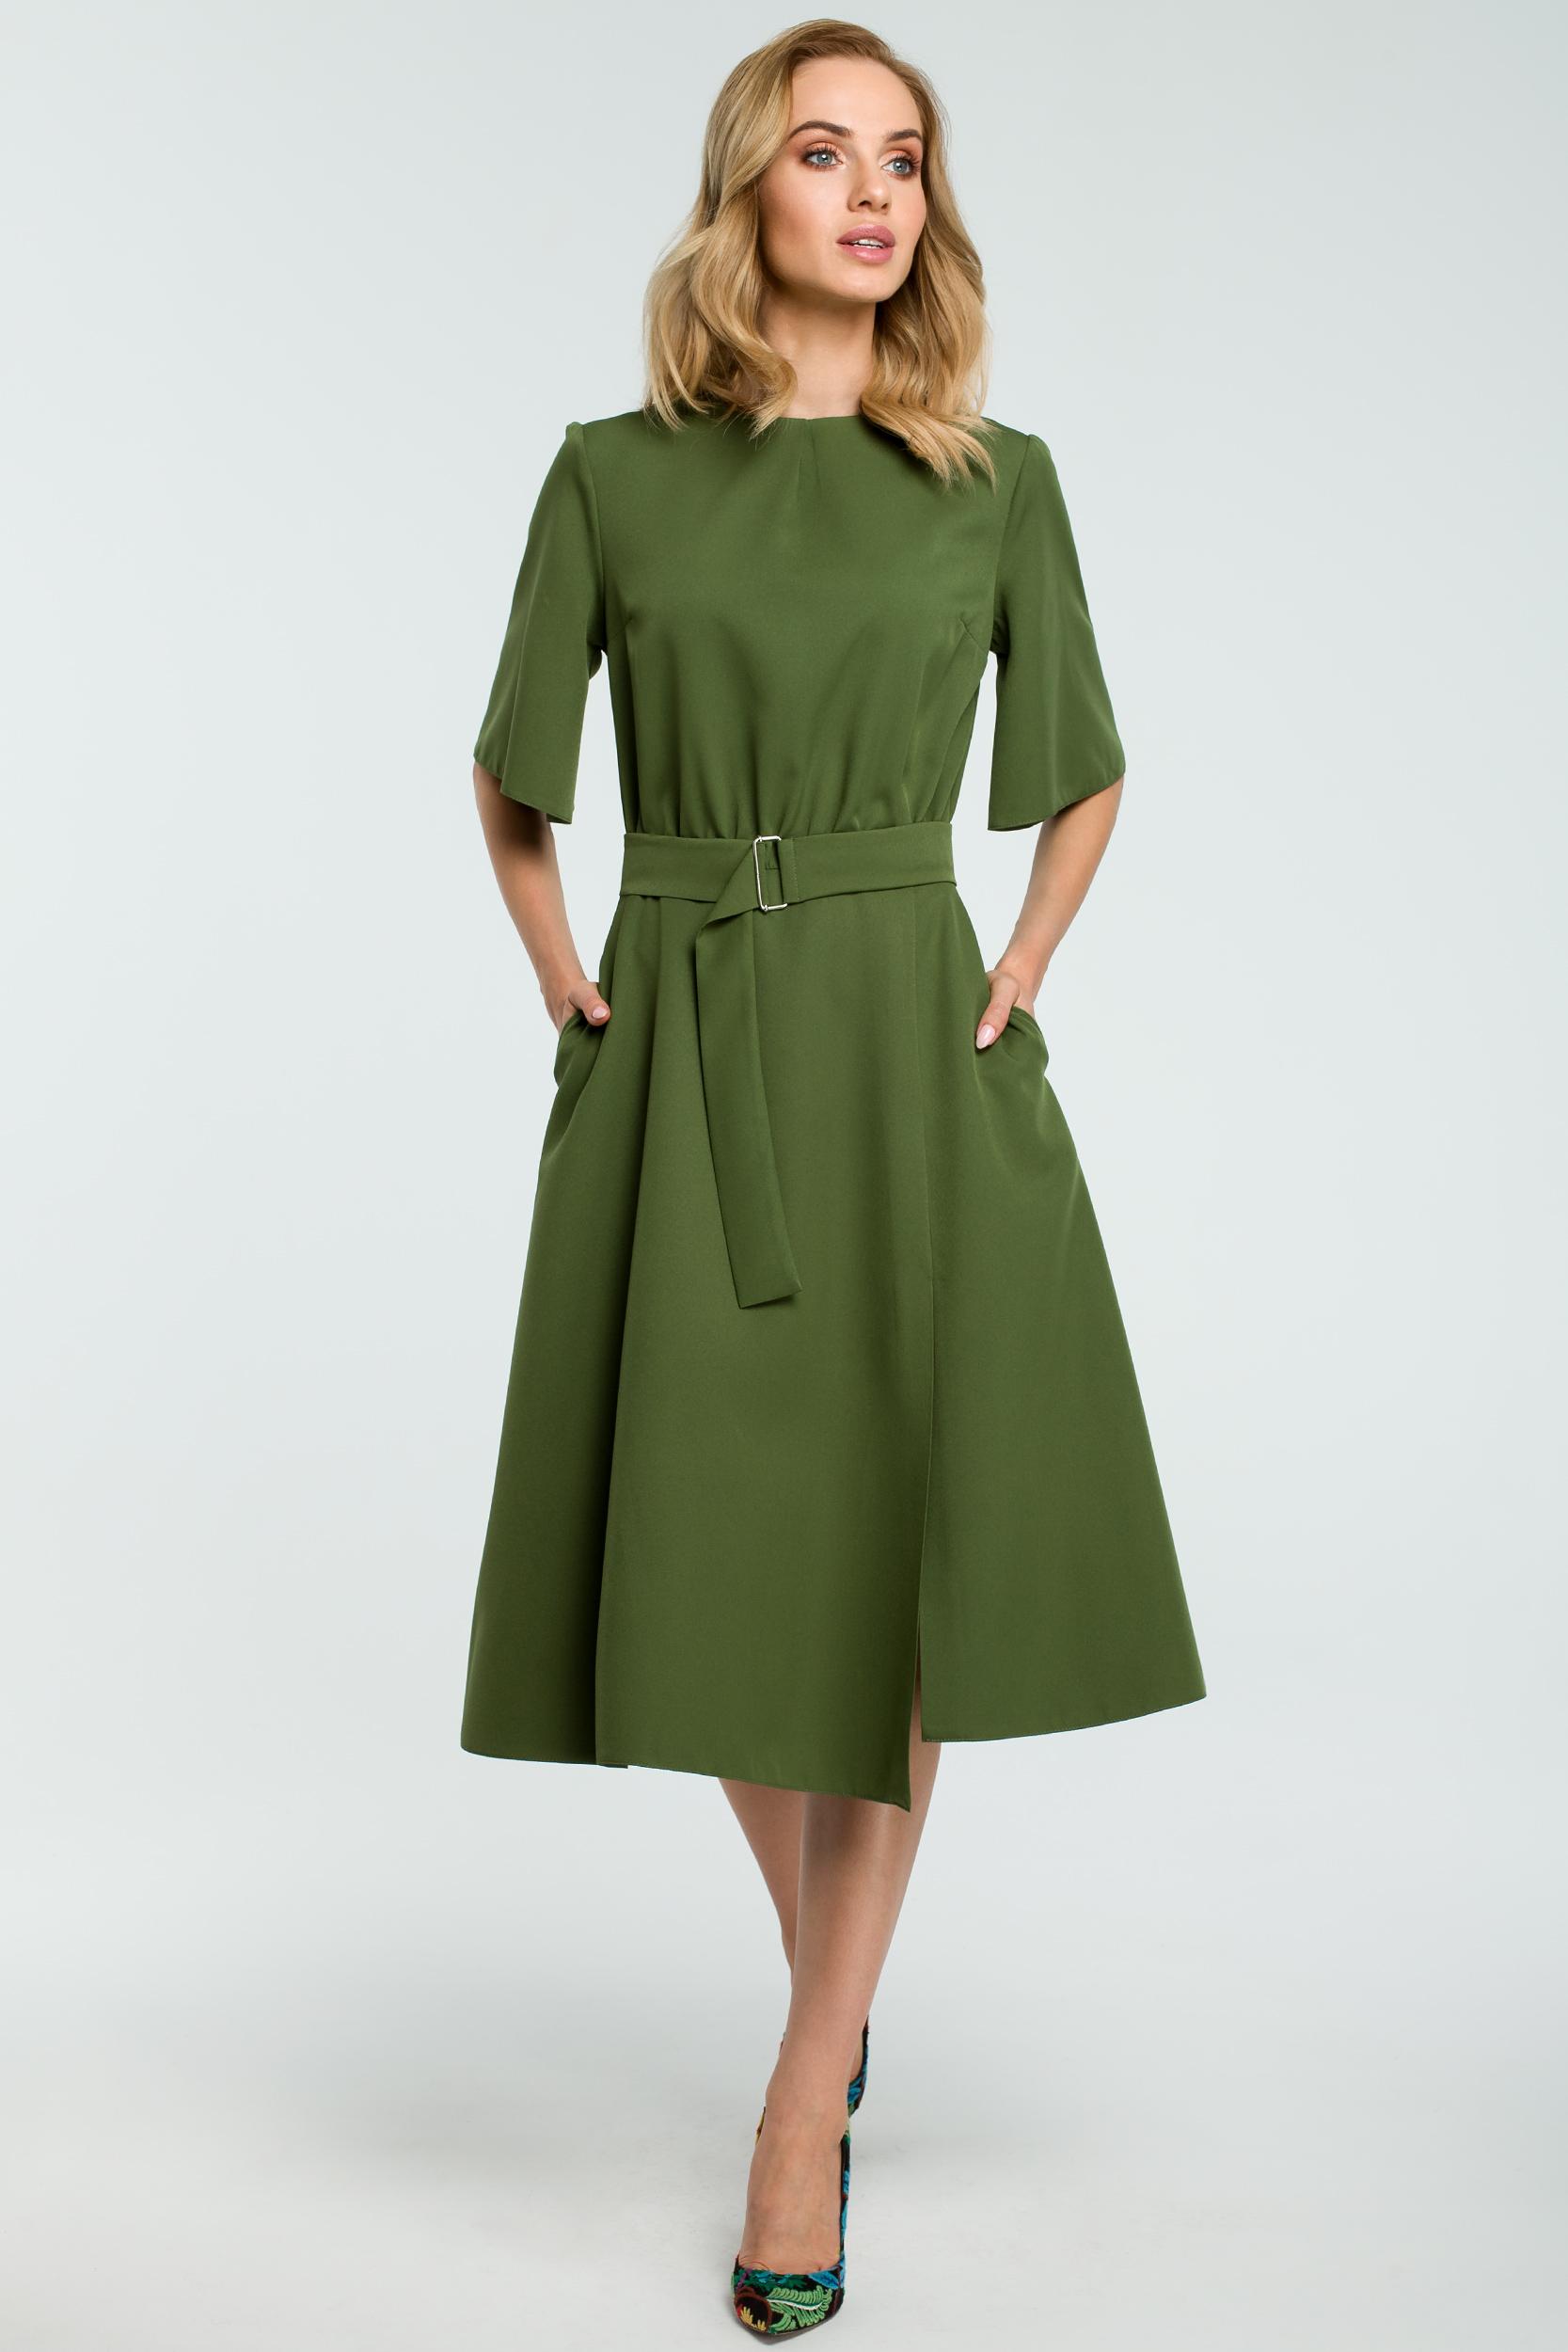 66022492c4 CM3810 Rozkloszowana sukienka z paskiem - zielona ...